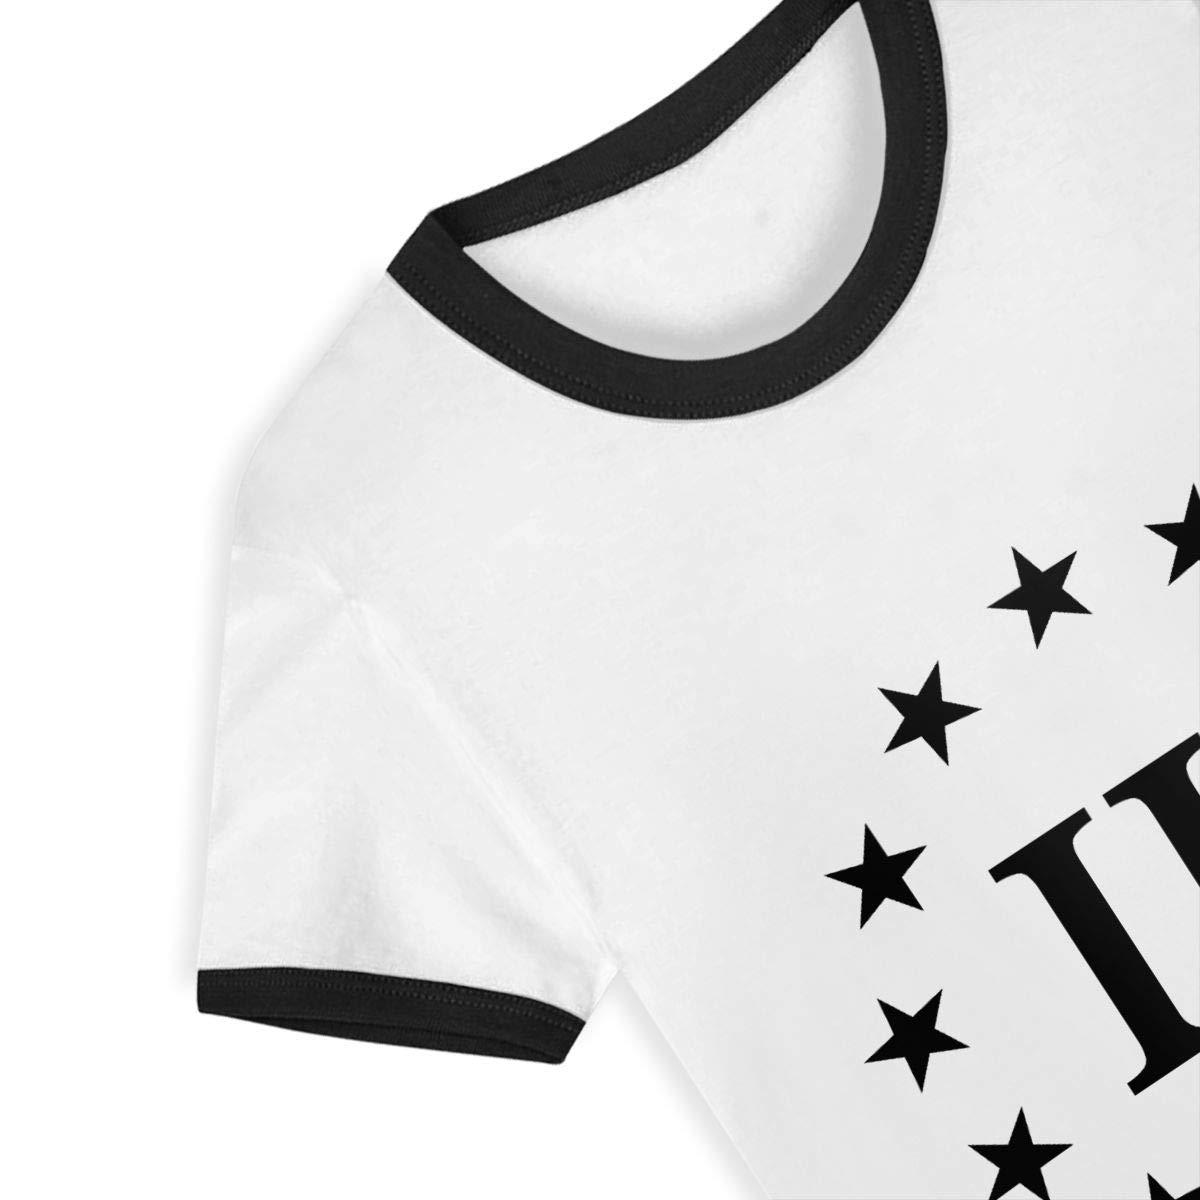 Kids T-Shirt Tops Three Percenter Unisex Youths Short Sleeve T-Shirt